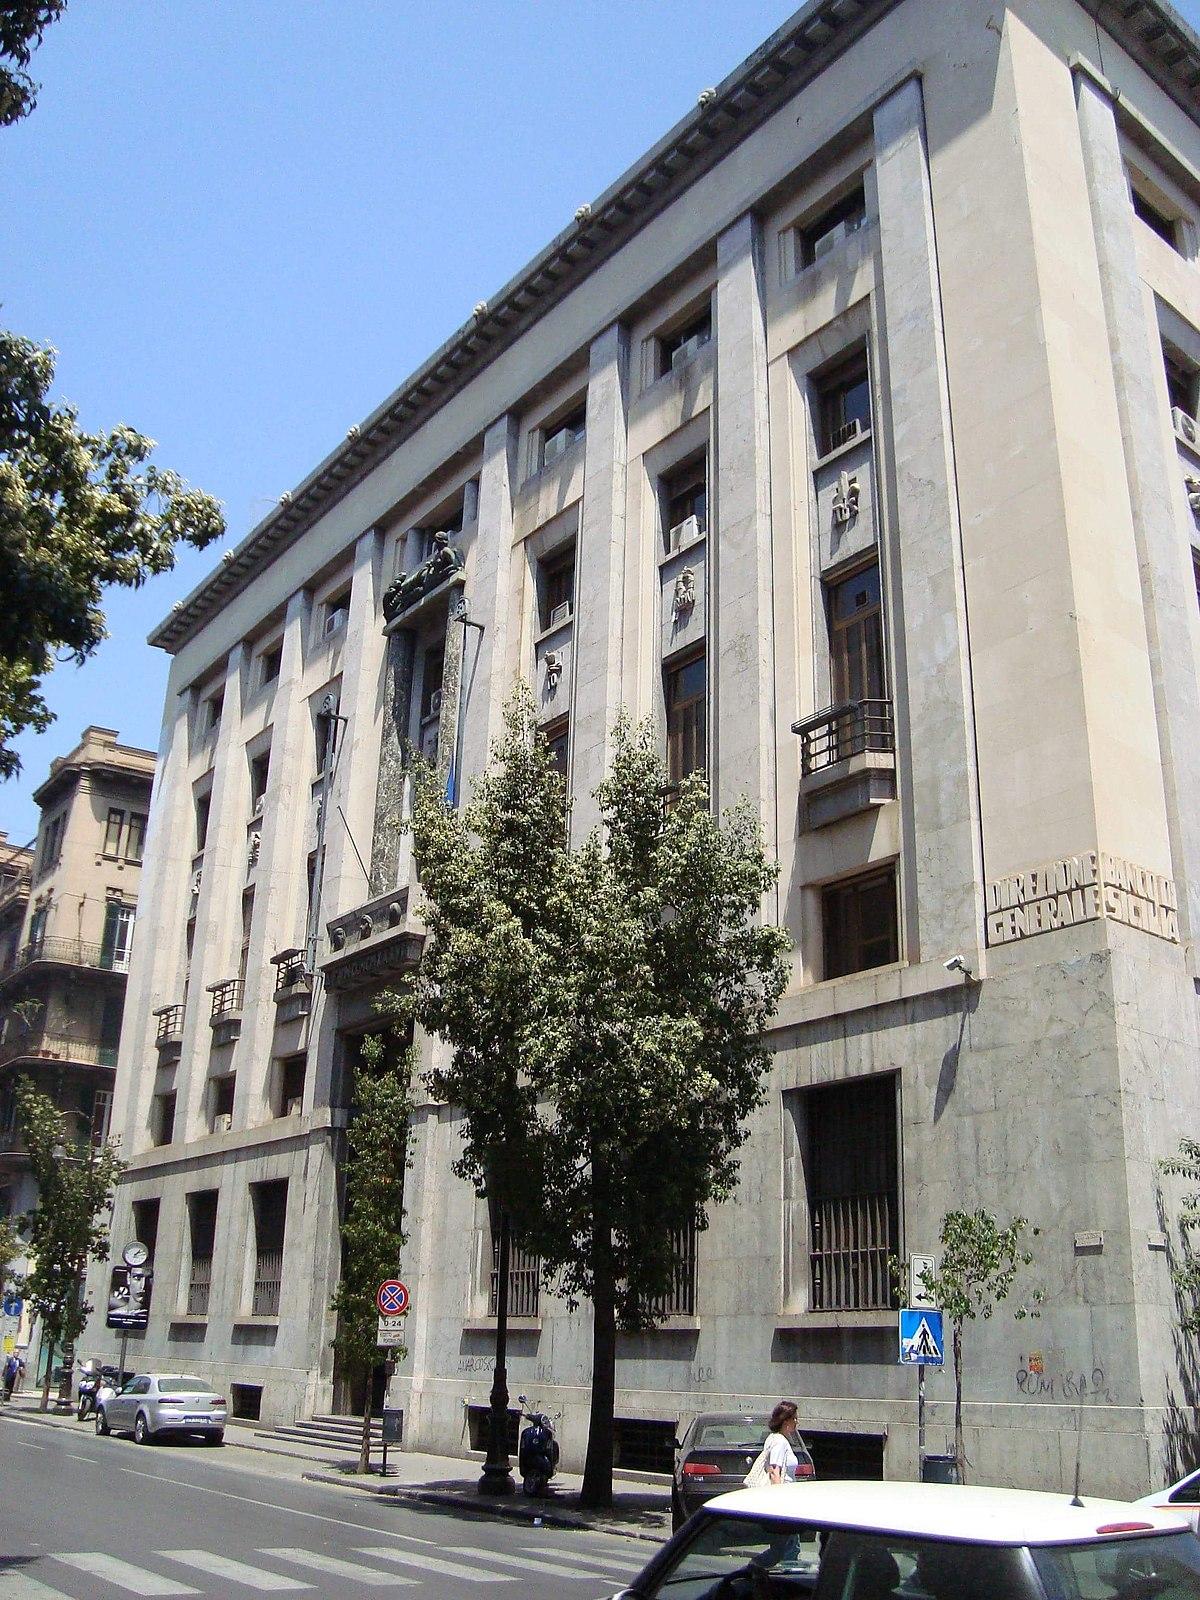 banco di sicilia - wikipedia